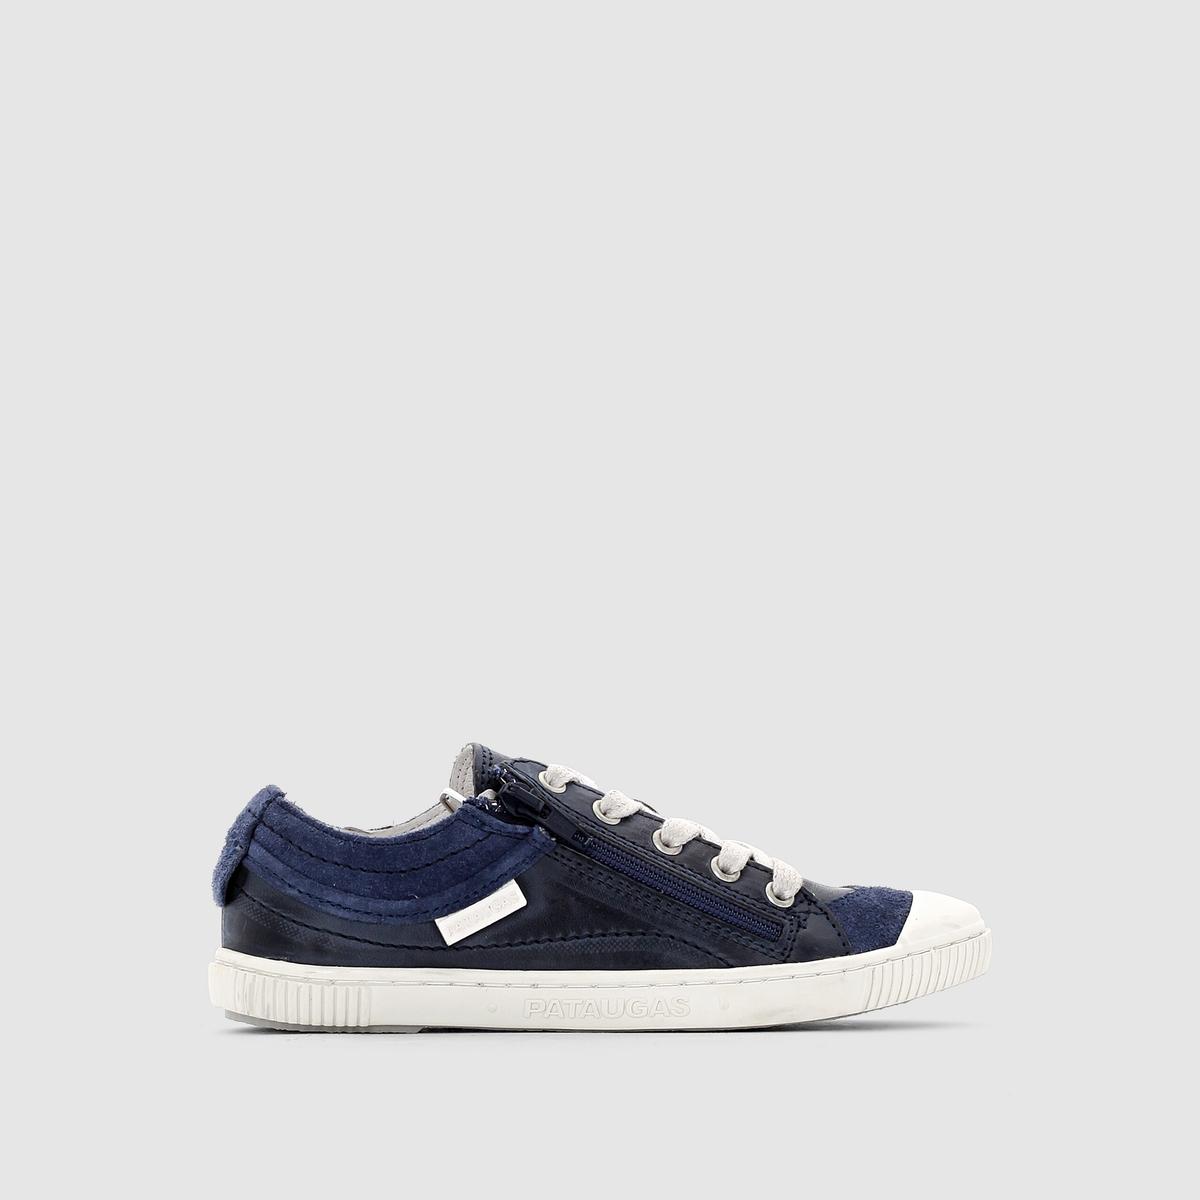 Кеды низкие BISK - PATAUGASЗастежка: на шнуровке.Преимущества: одновременно простое и модное сочетание кожи и текстиля - кеды от Pataugas можно узнать с первого взгляда!<br><br>Цвет: синий<br>Размер: 31